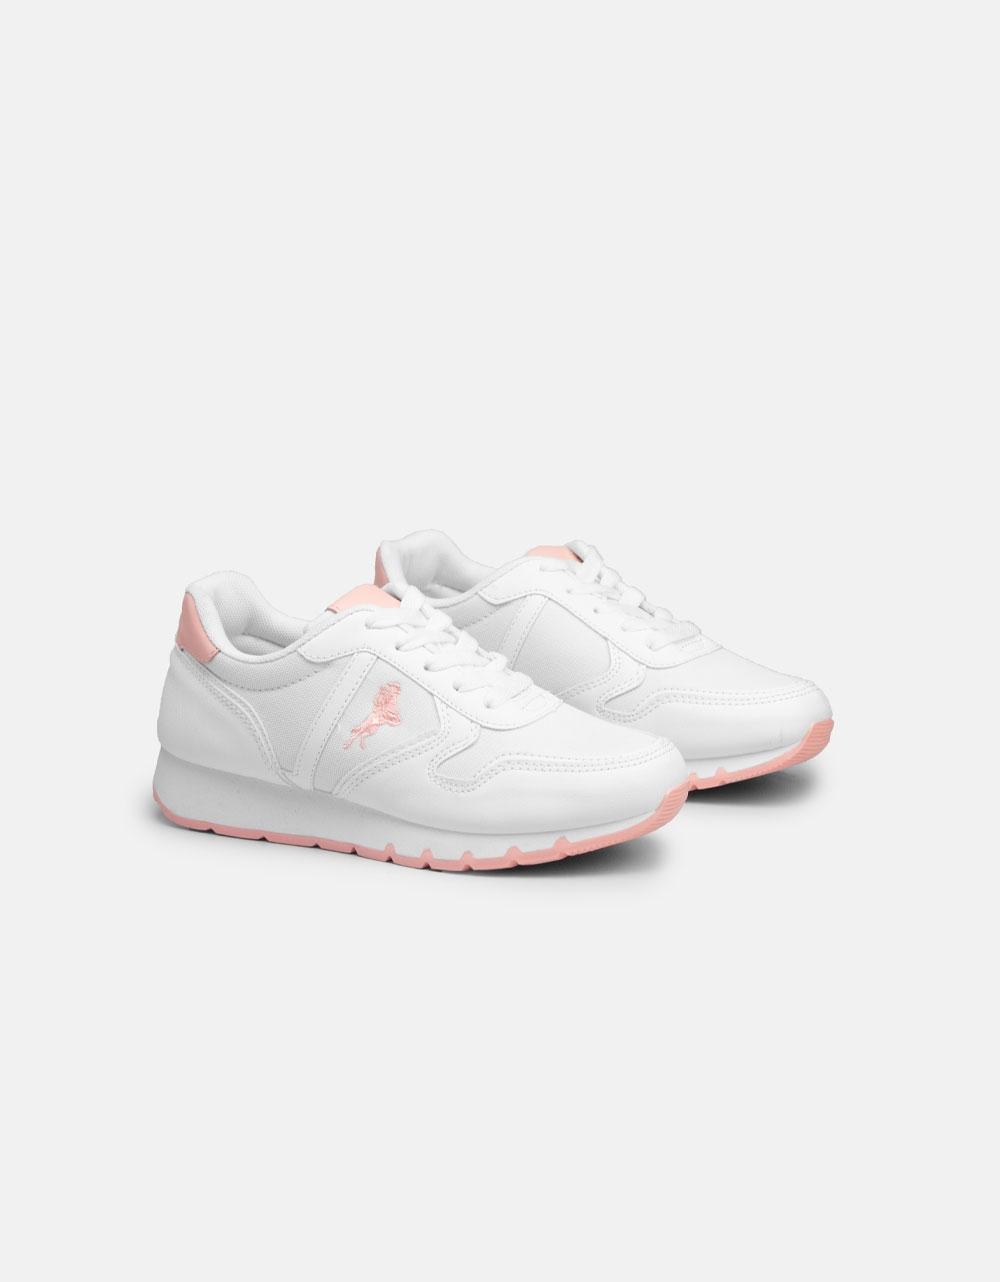 Εικόνα από Γυναικεία sneakers σε συνδυασμούς υλικών Λευκό/Ροζ